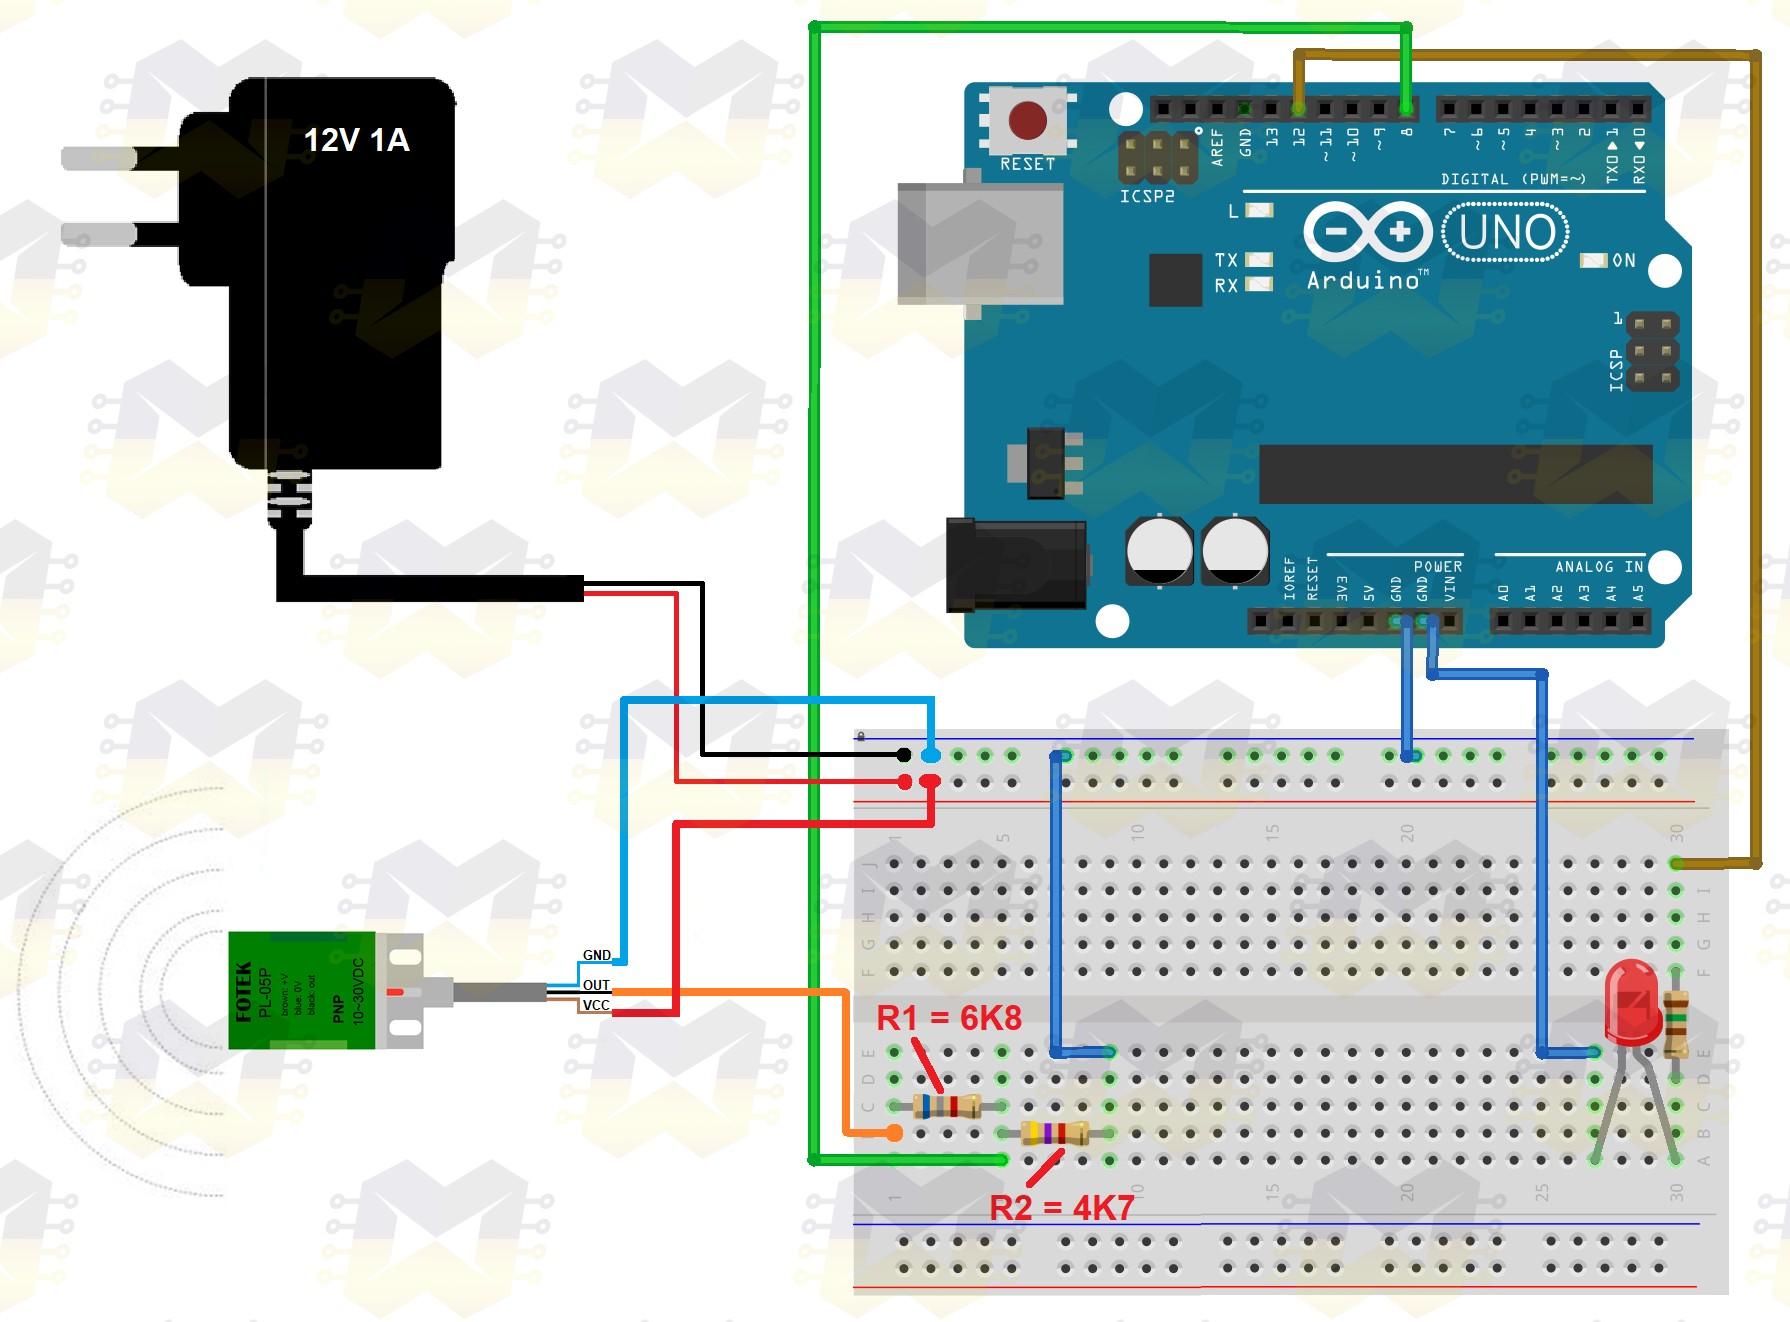 img01_como_usar_com_arduino_sensor_indutivo_pnp_de_proximidade_fotek_pl_05p-cnc-3d_uno_mega_ramps